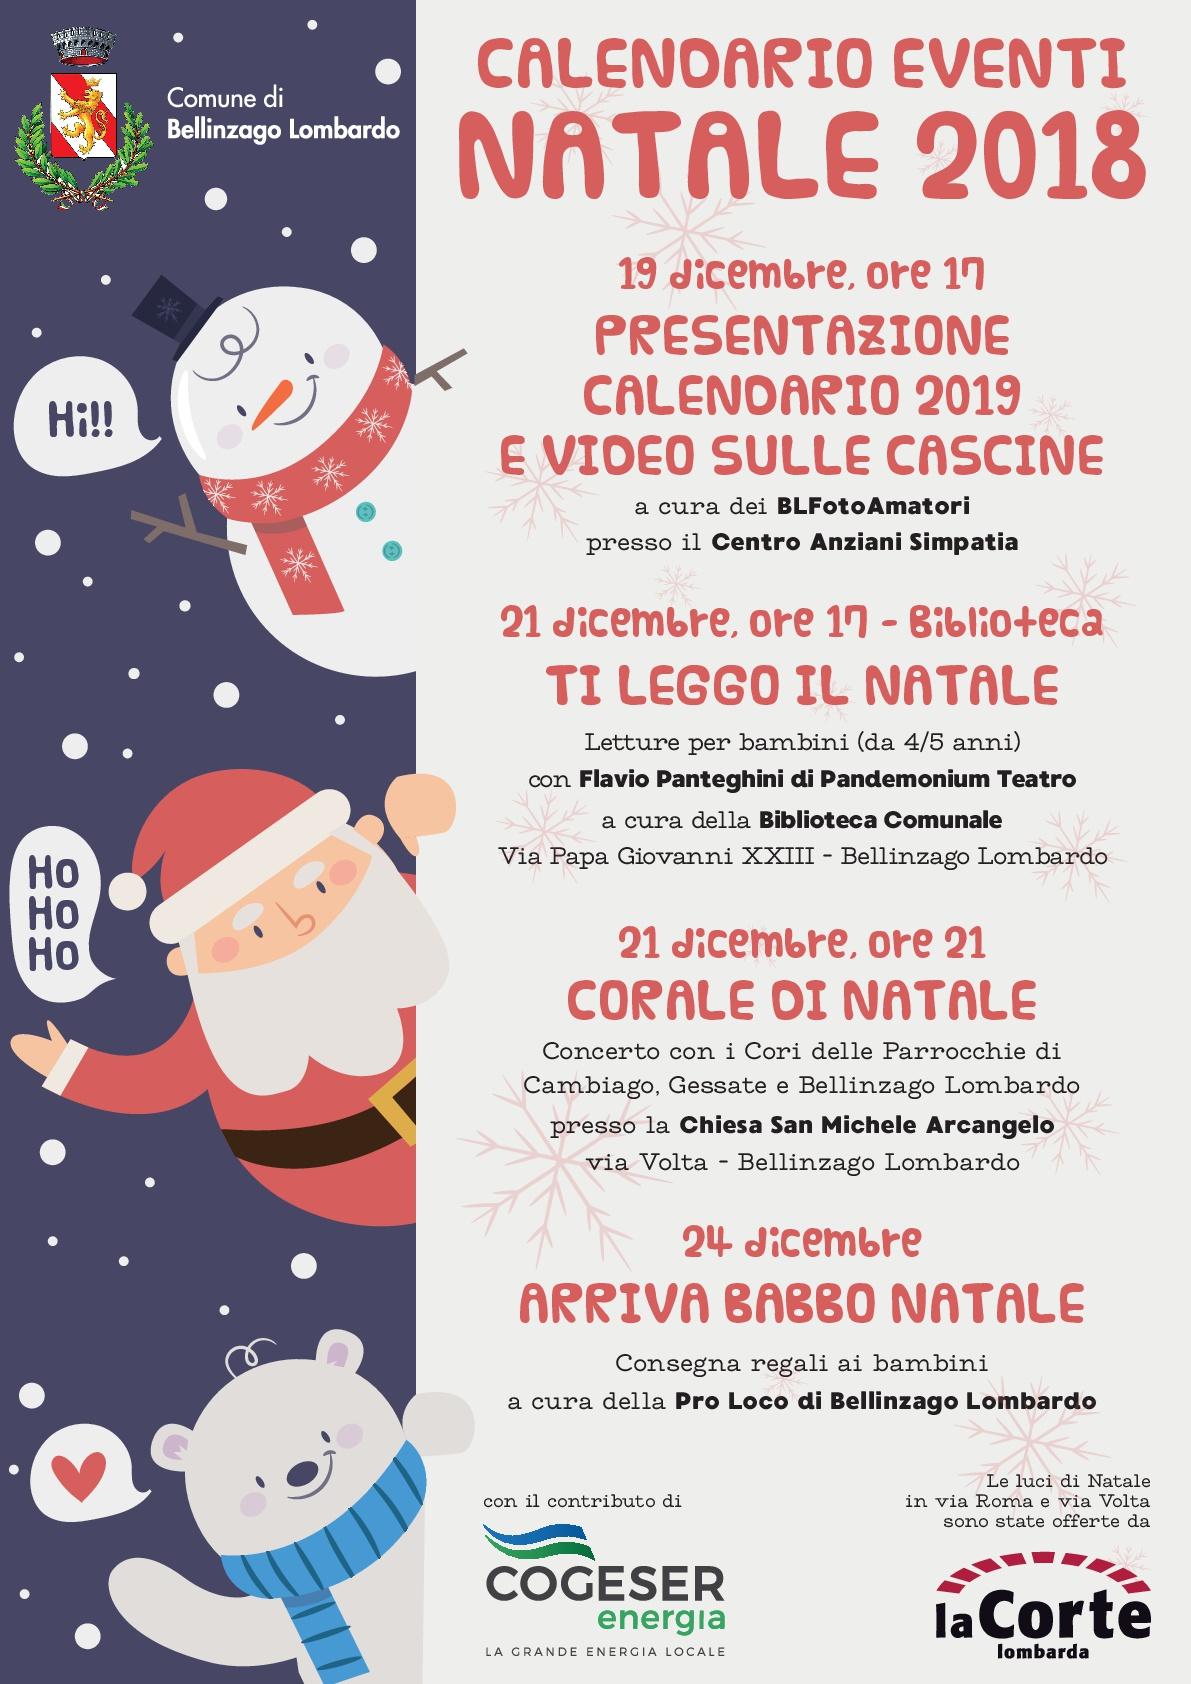 Regali Di Natale Per Bambini 5 Anni.Calenario Eventi Natale 2018 Comune Di Bellinzago Lombardo